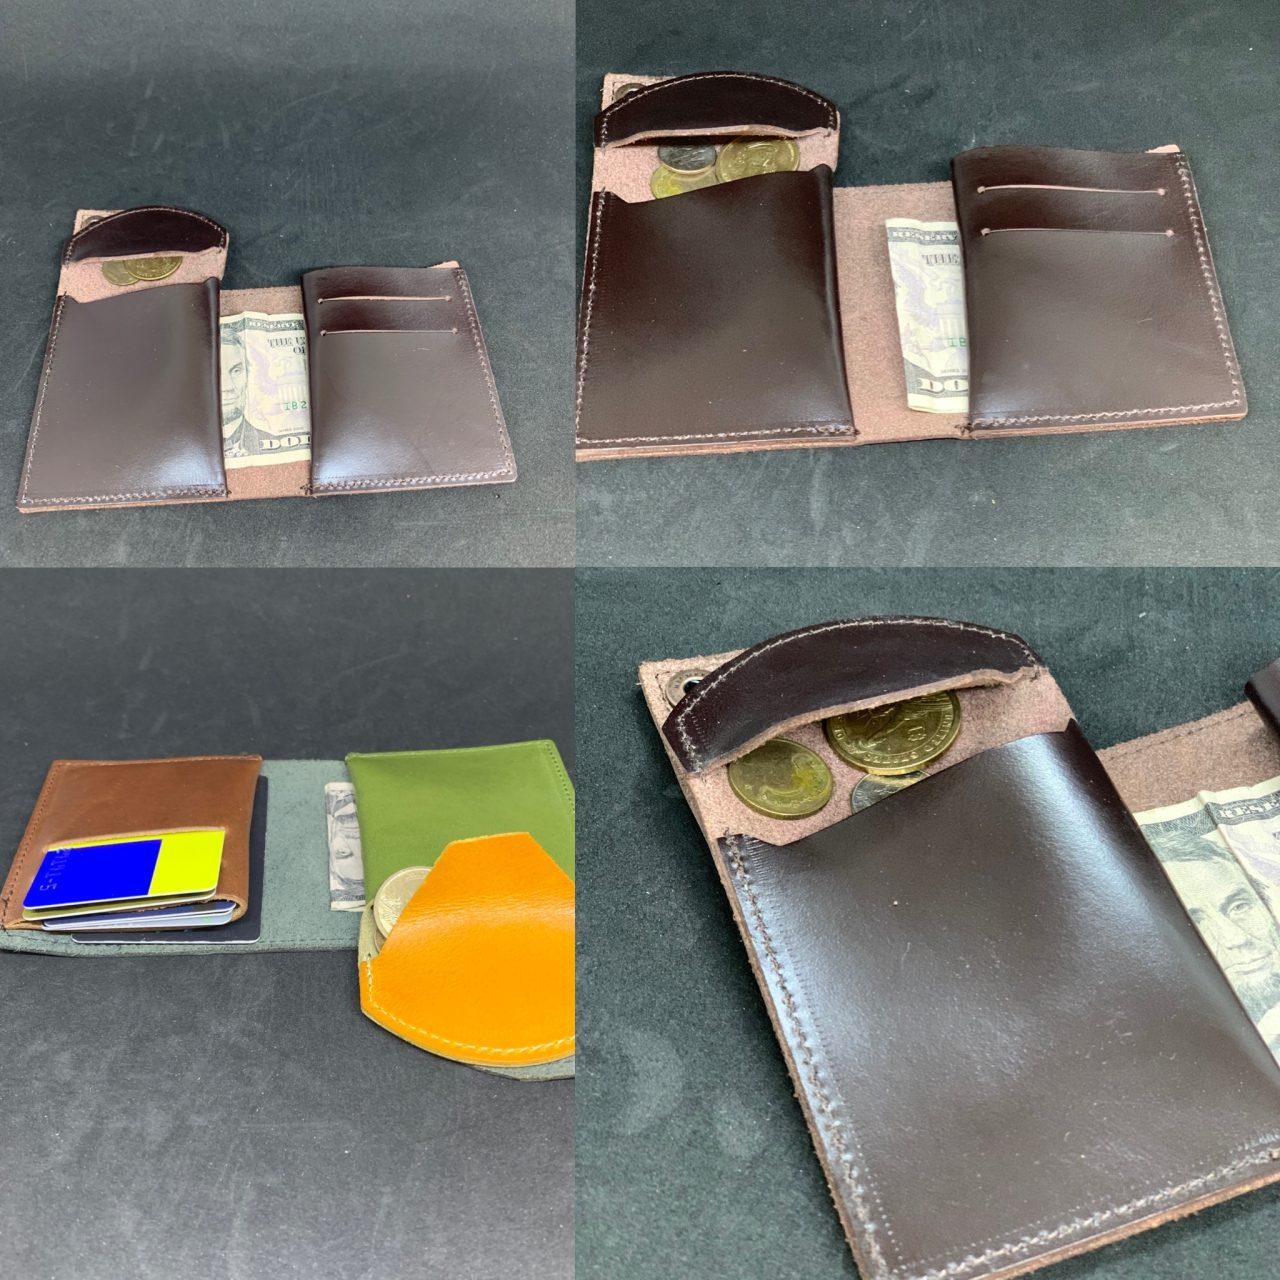 財布 栃木レザー 二つ折り 本革 ウォレット 2つ折り財布 コインケース 小銭入 れ メンズ レディース お札入れ カード入れ コインキャッチャー コンパクト 日本製